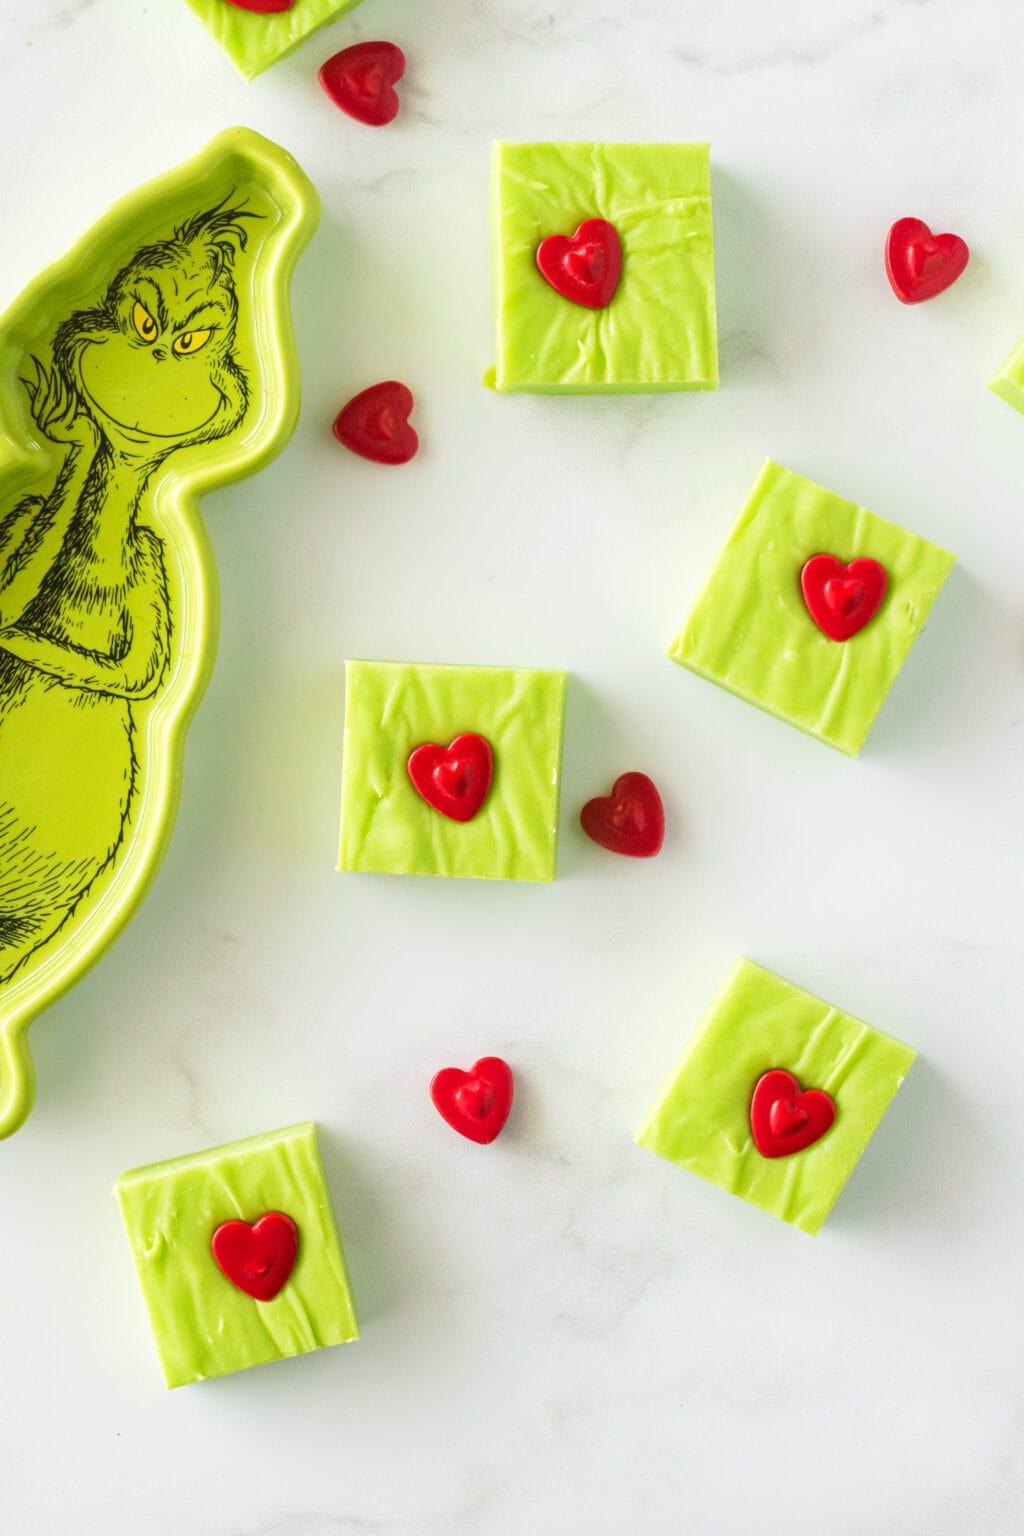 grinch fudge pieces spread on table